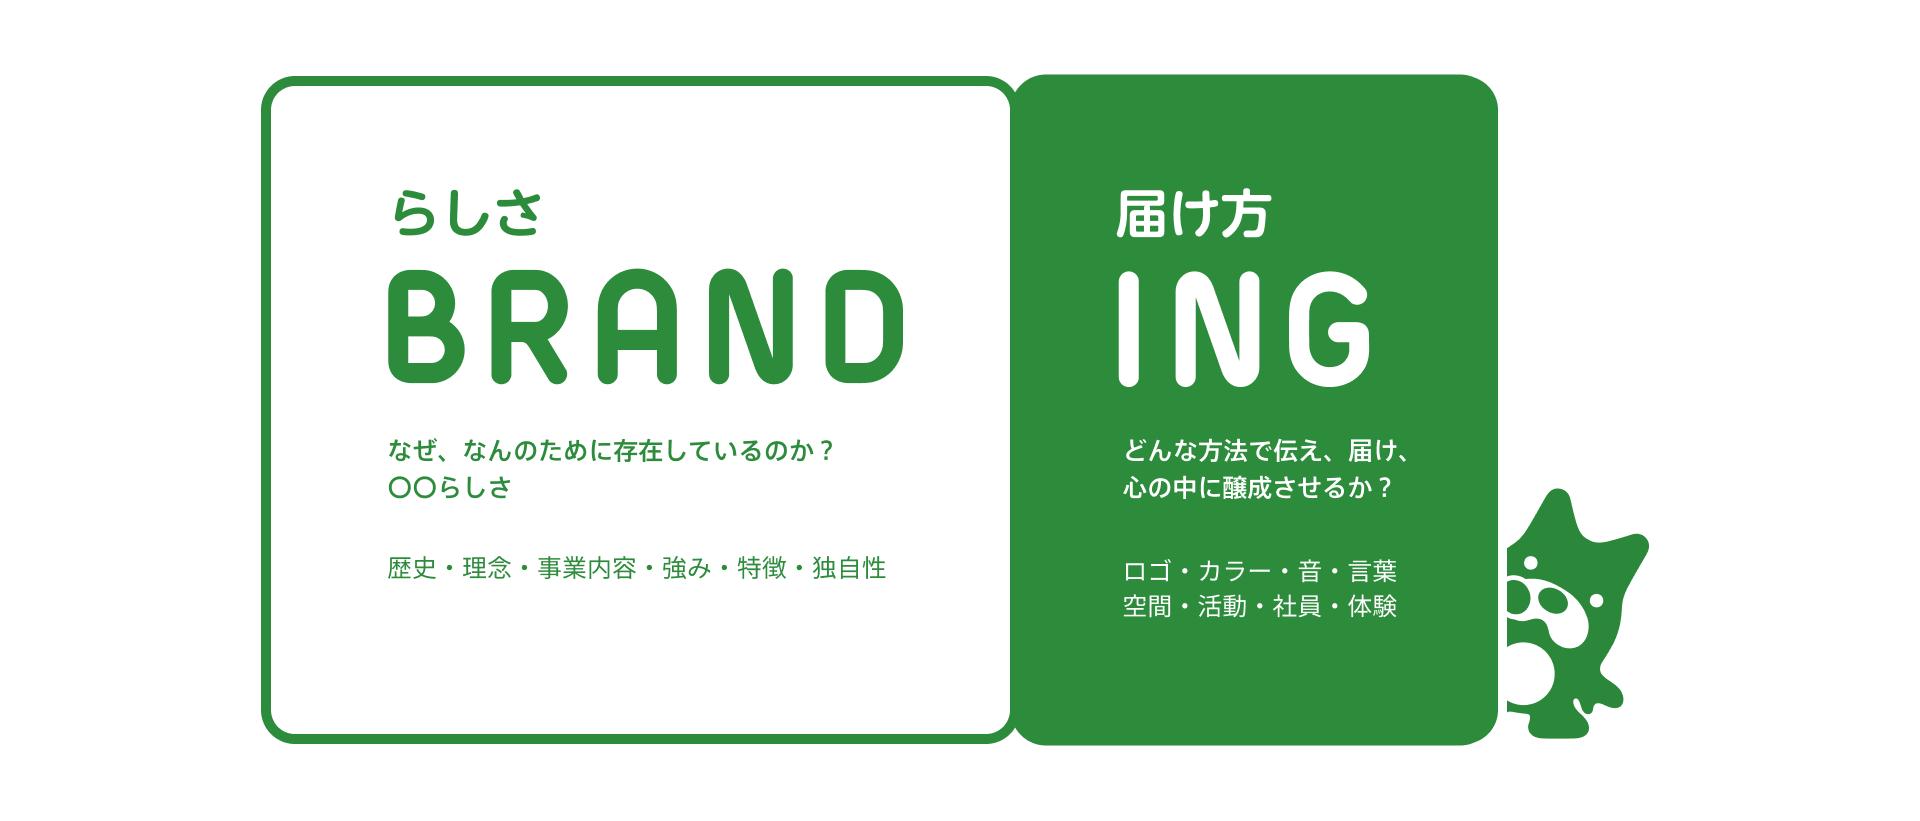 BRAND(らしさ)とing(届け方)のイメージ図